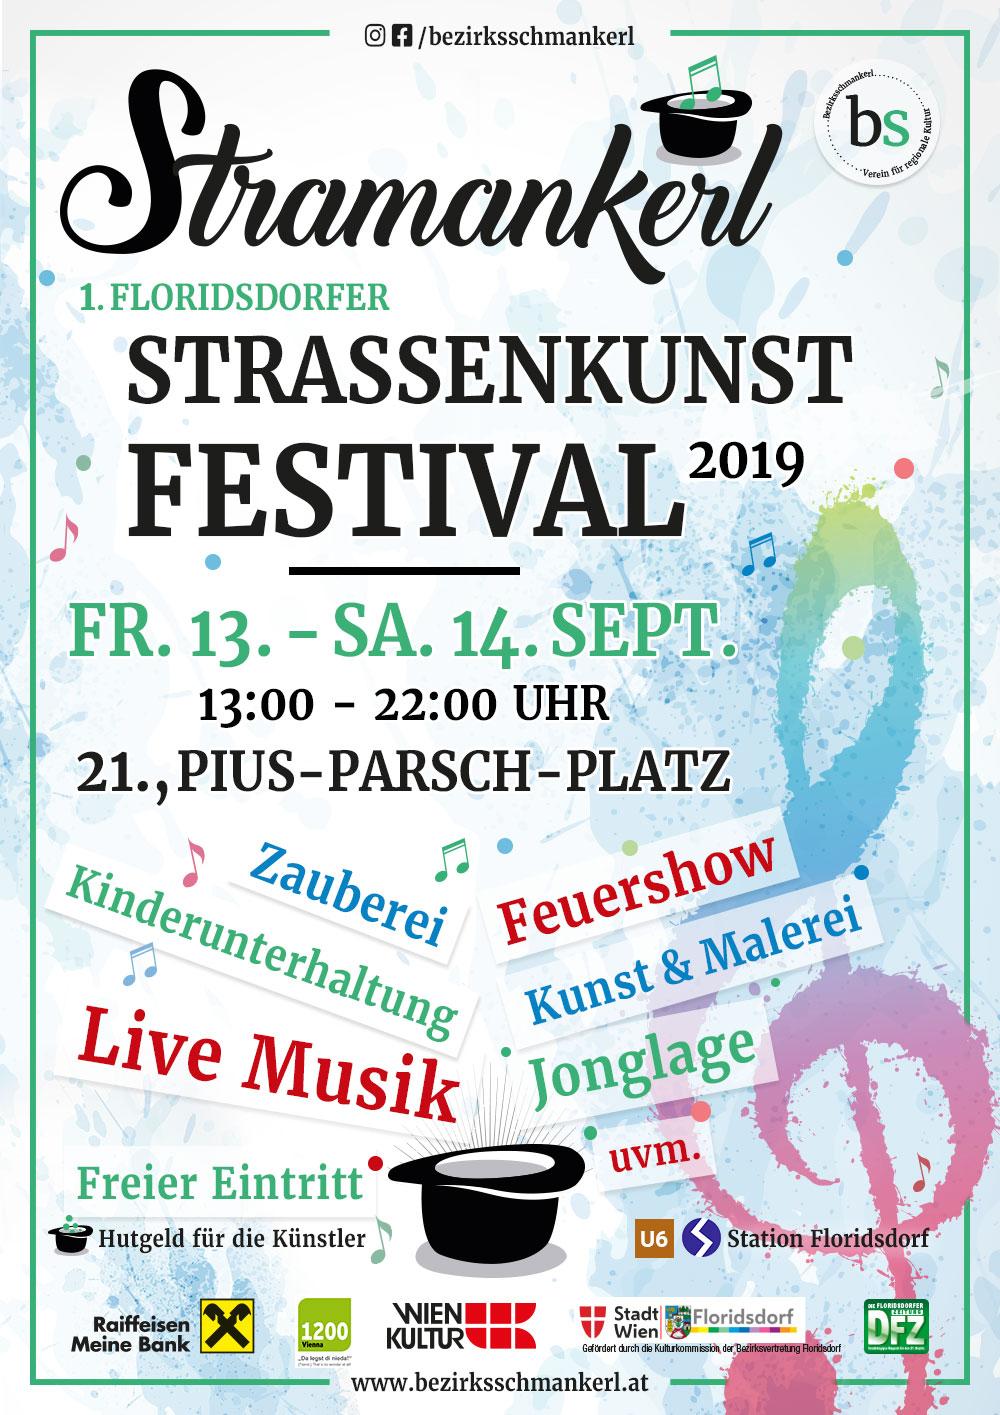 Stramankerl - 1. Floridsdorfer Straßenkunst Festival FR. 13. - SA. 14.09.2019